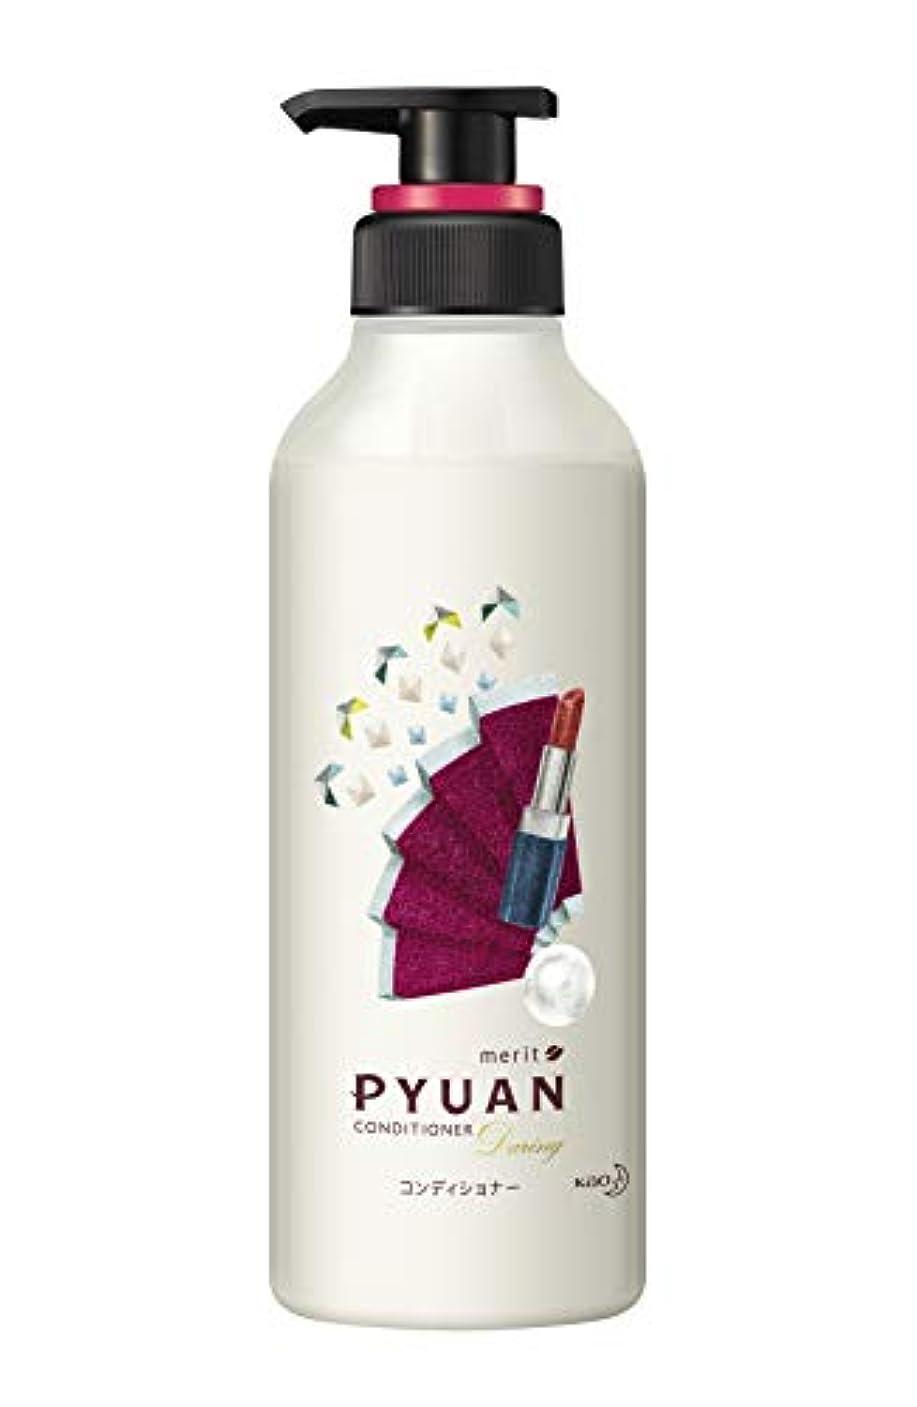 製品ばかげた首PYUAN(ピュアン) メリットピュアン デアリン (Daring) ローズ&ガーネットの香り コンディショナー ポンプ 425ml 河井 いづみ コラボ